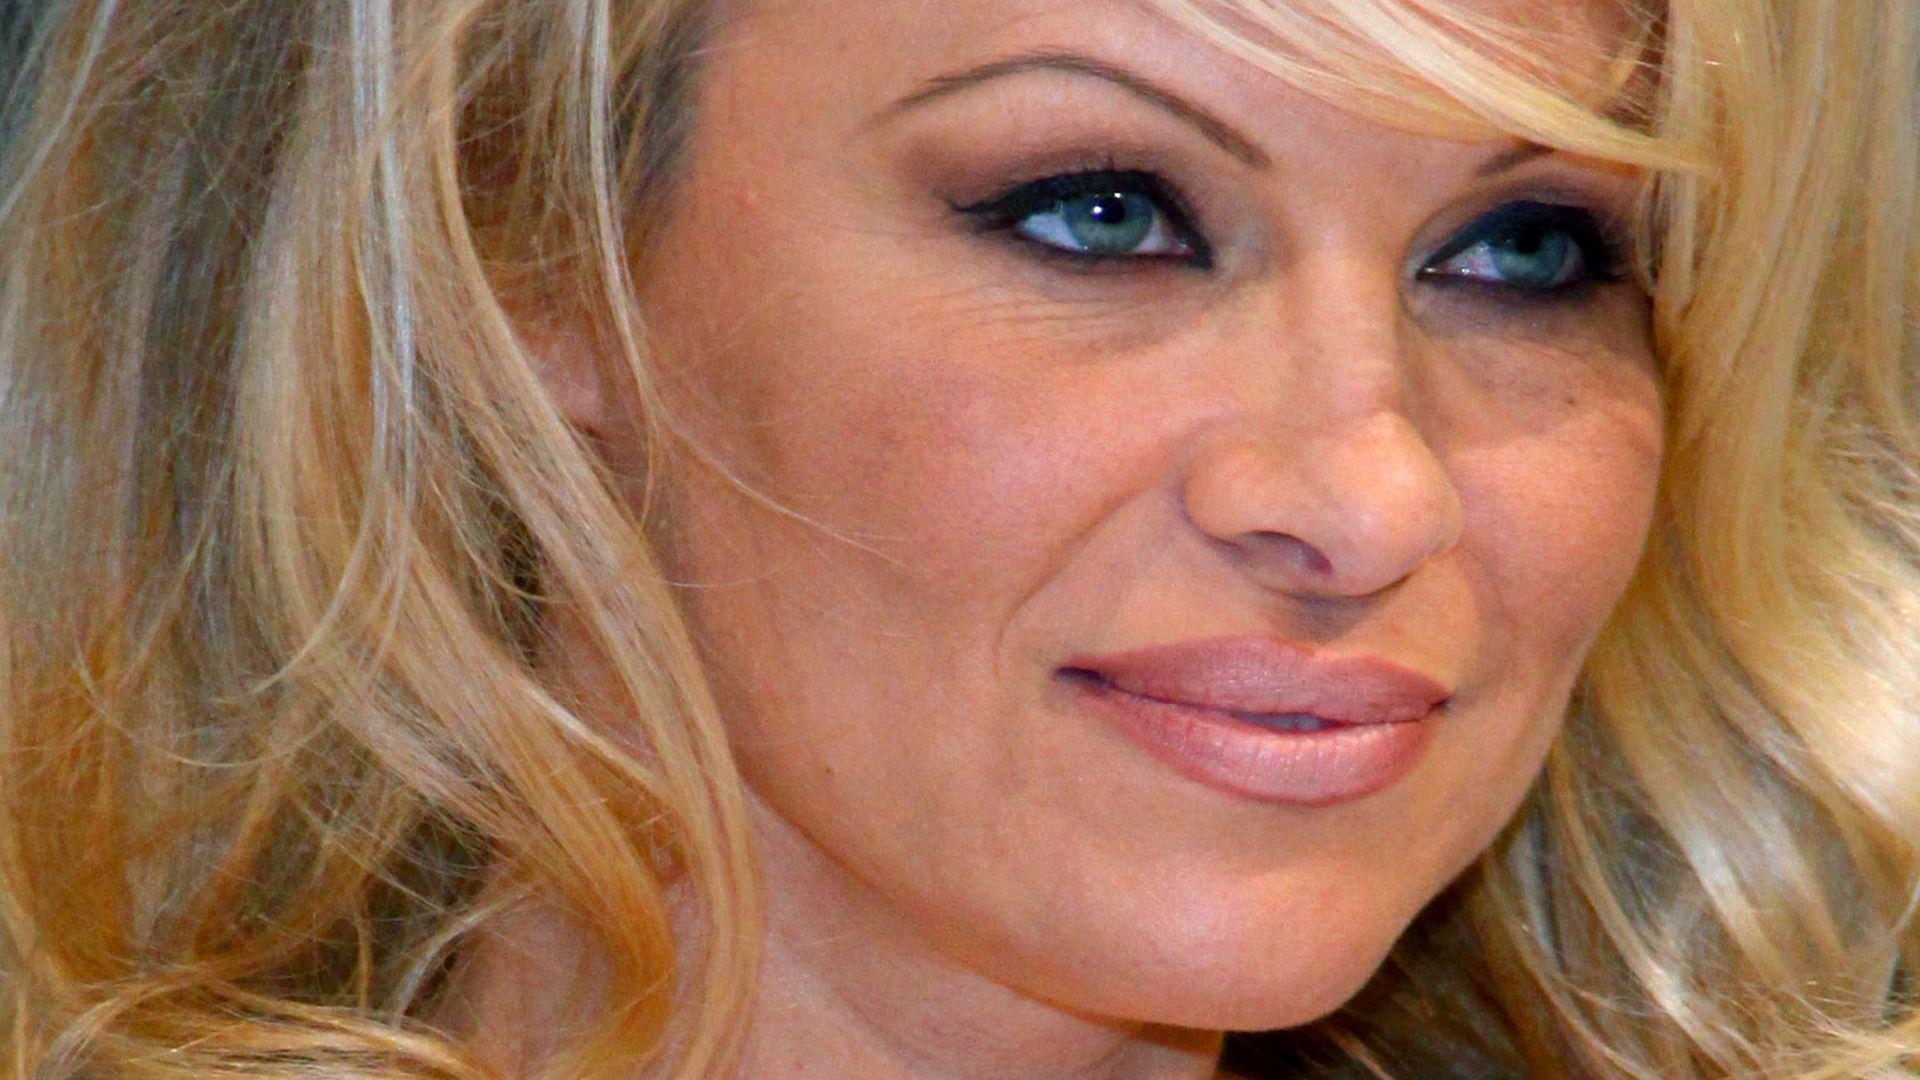 Pamela anderson - FAP VID - Gratis Pornos